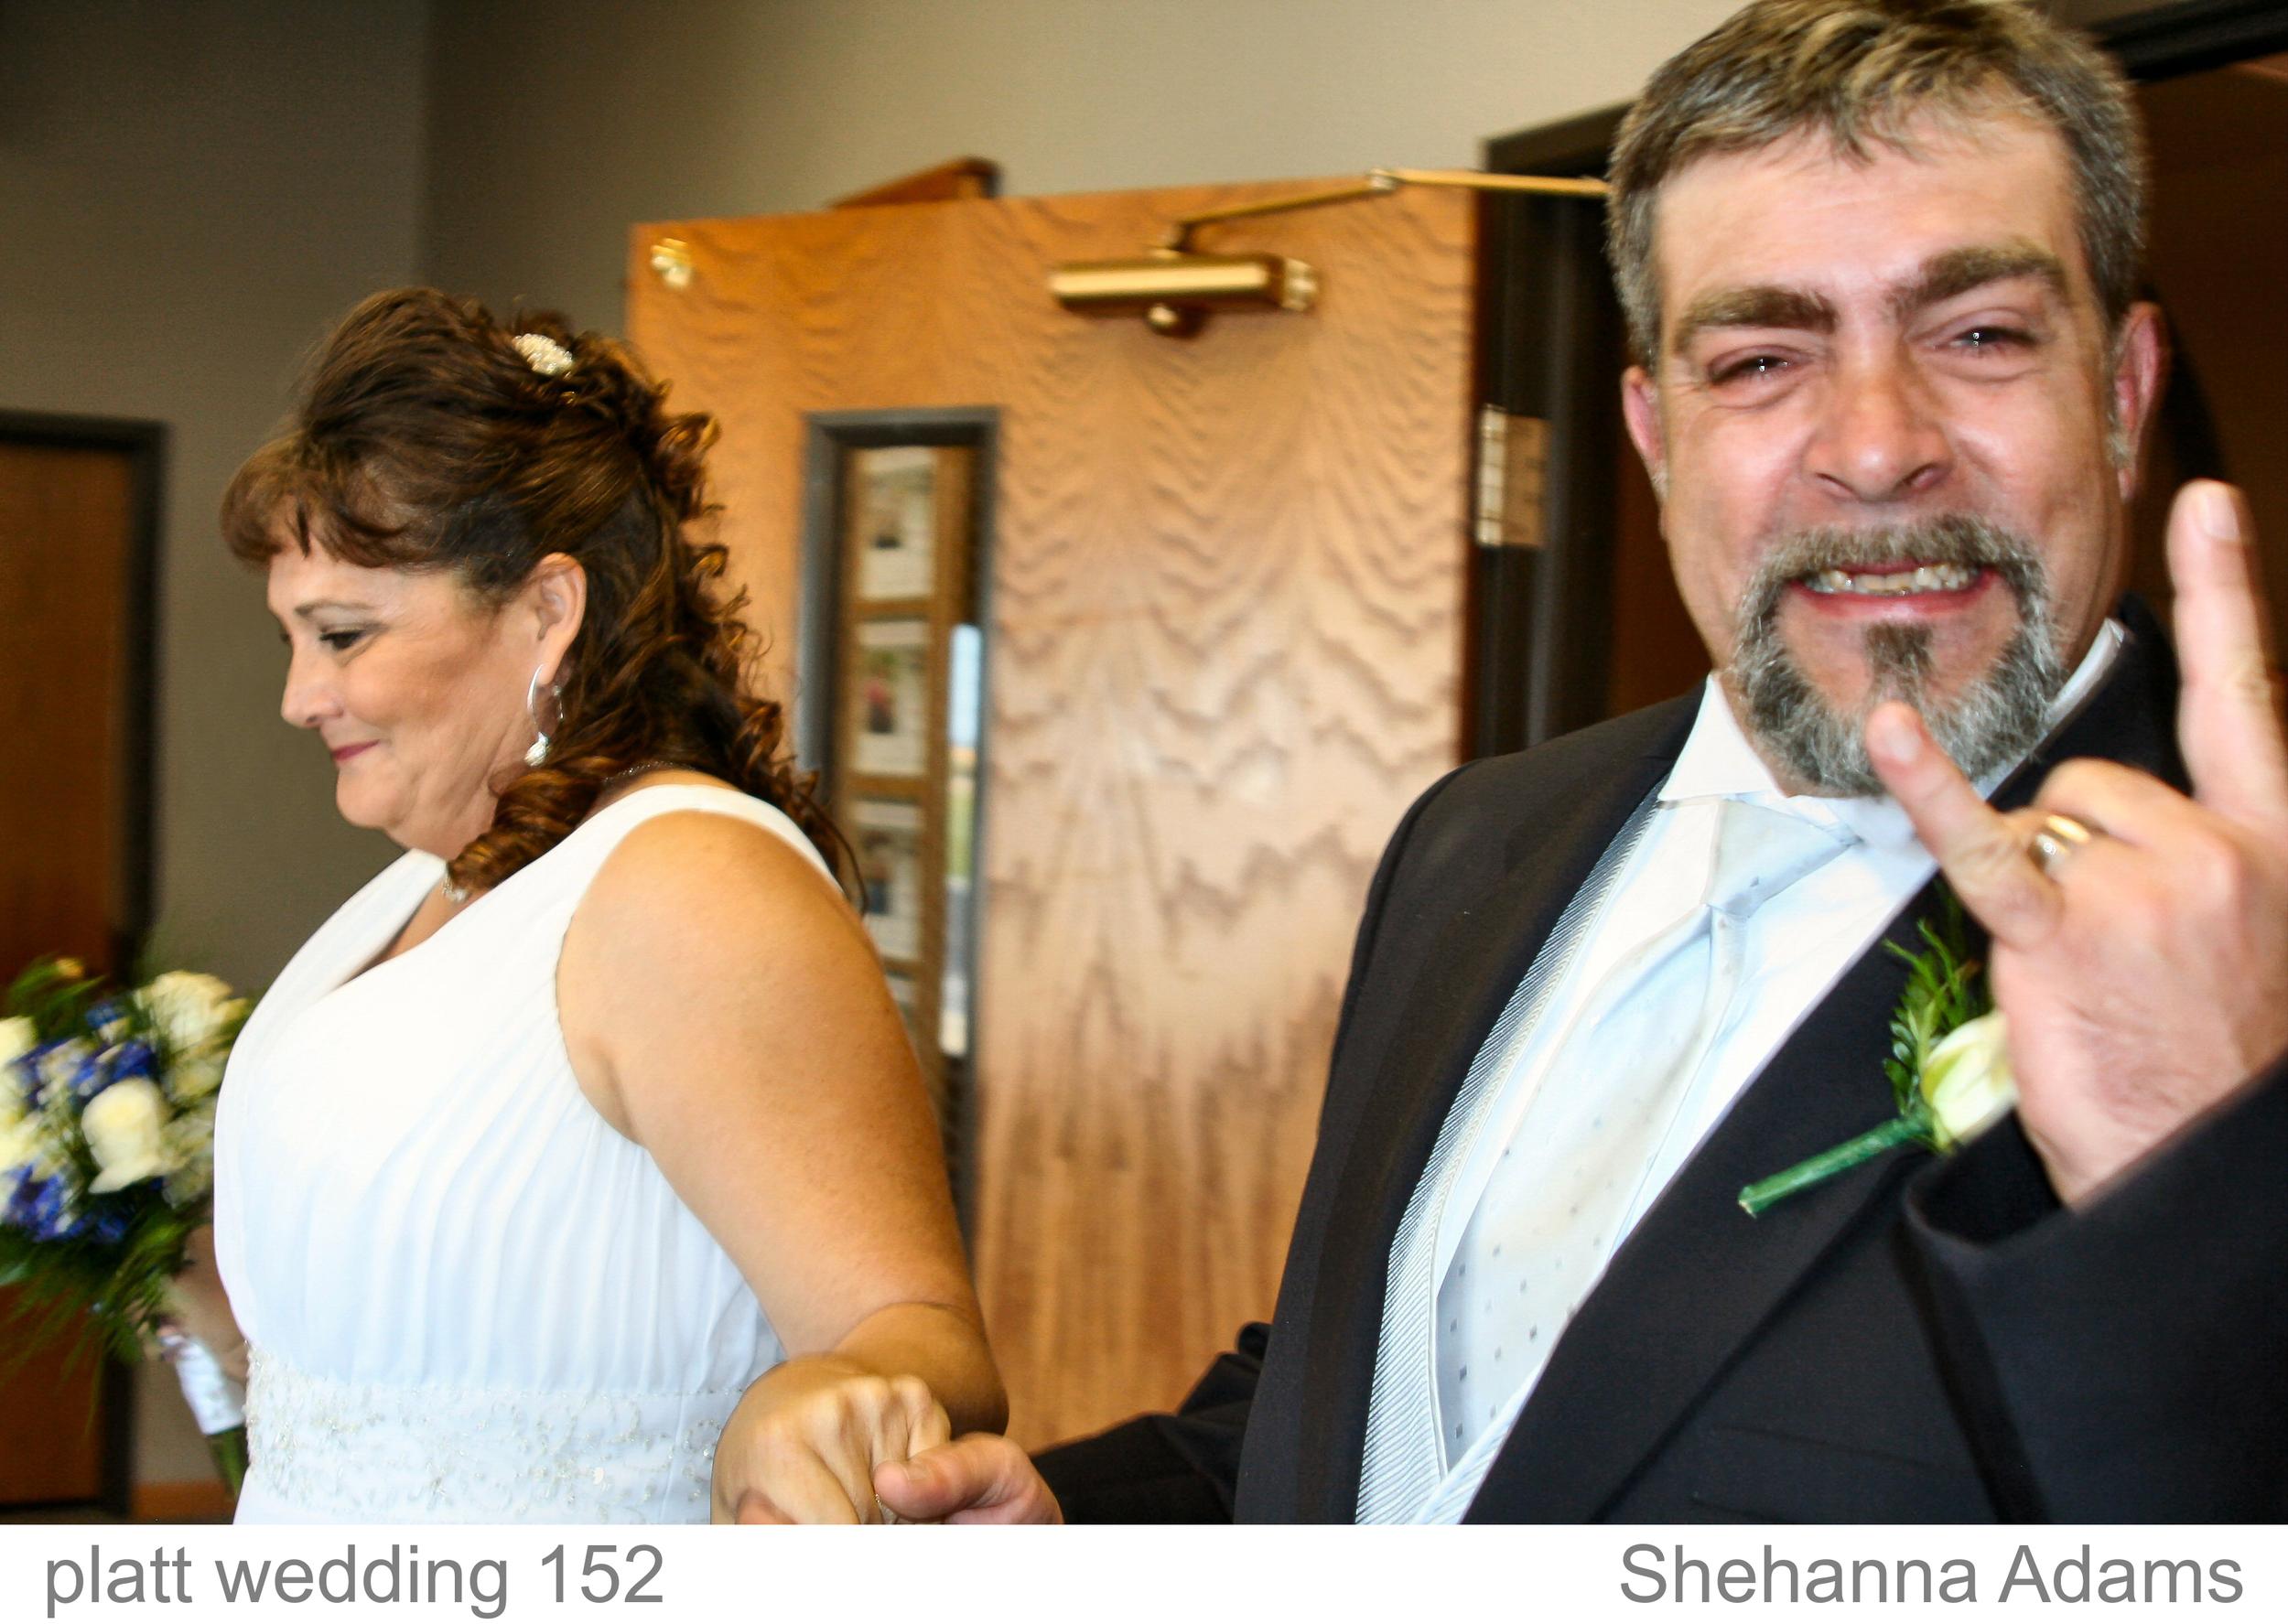 platt wedding 152.jpg